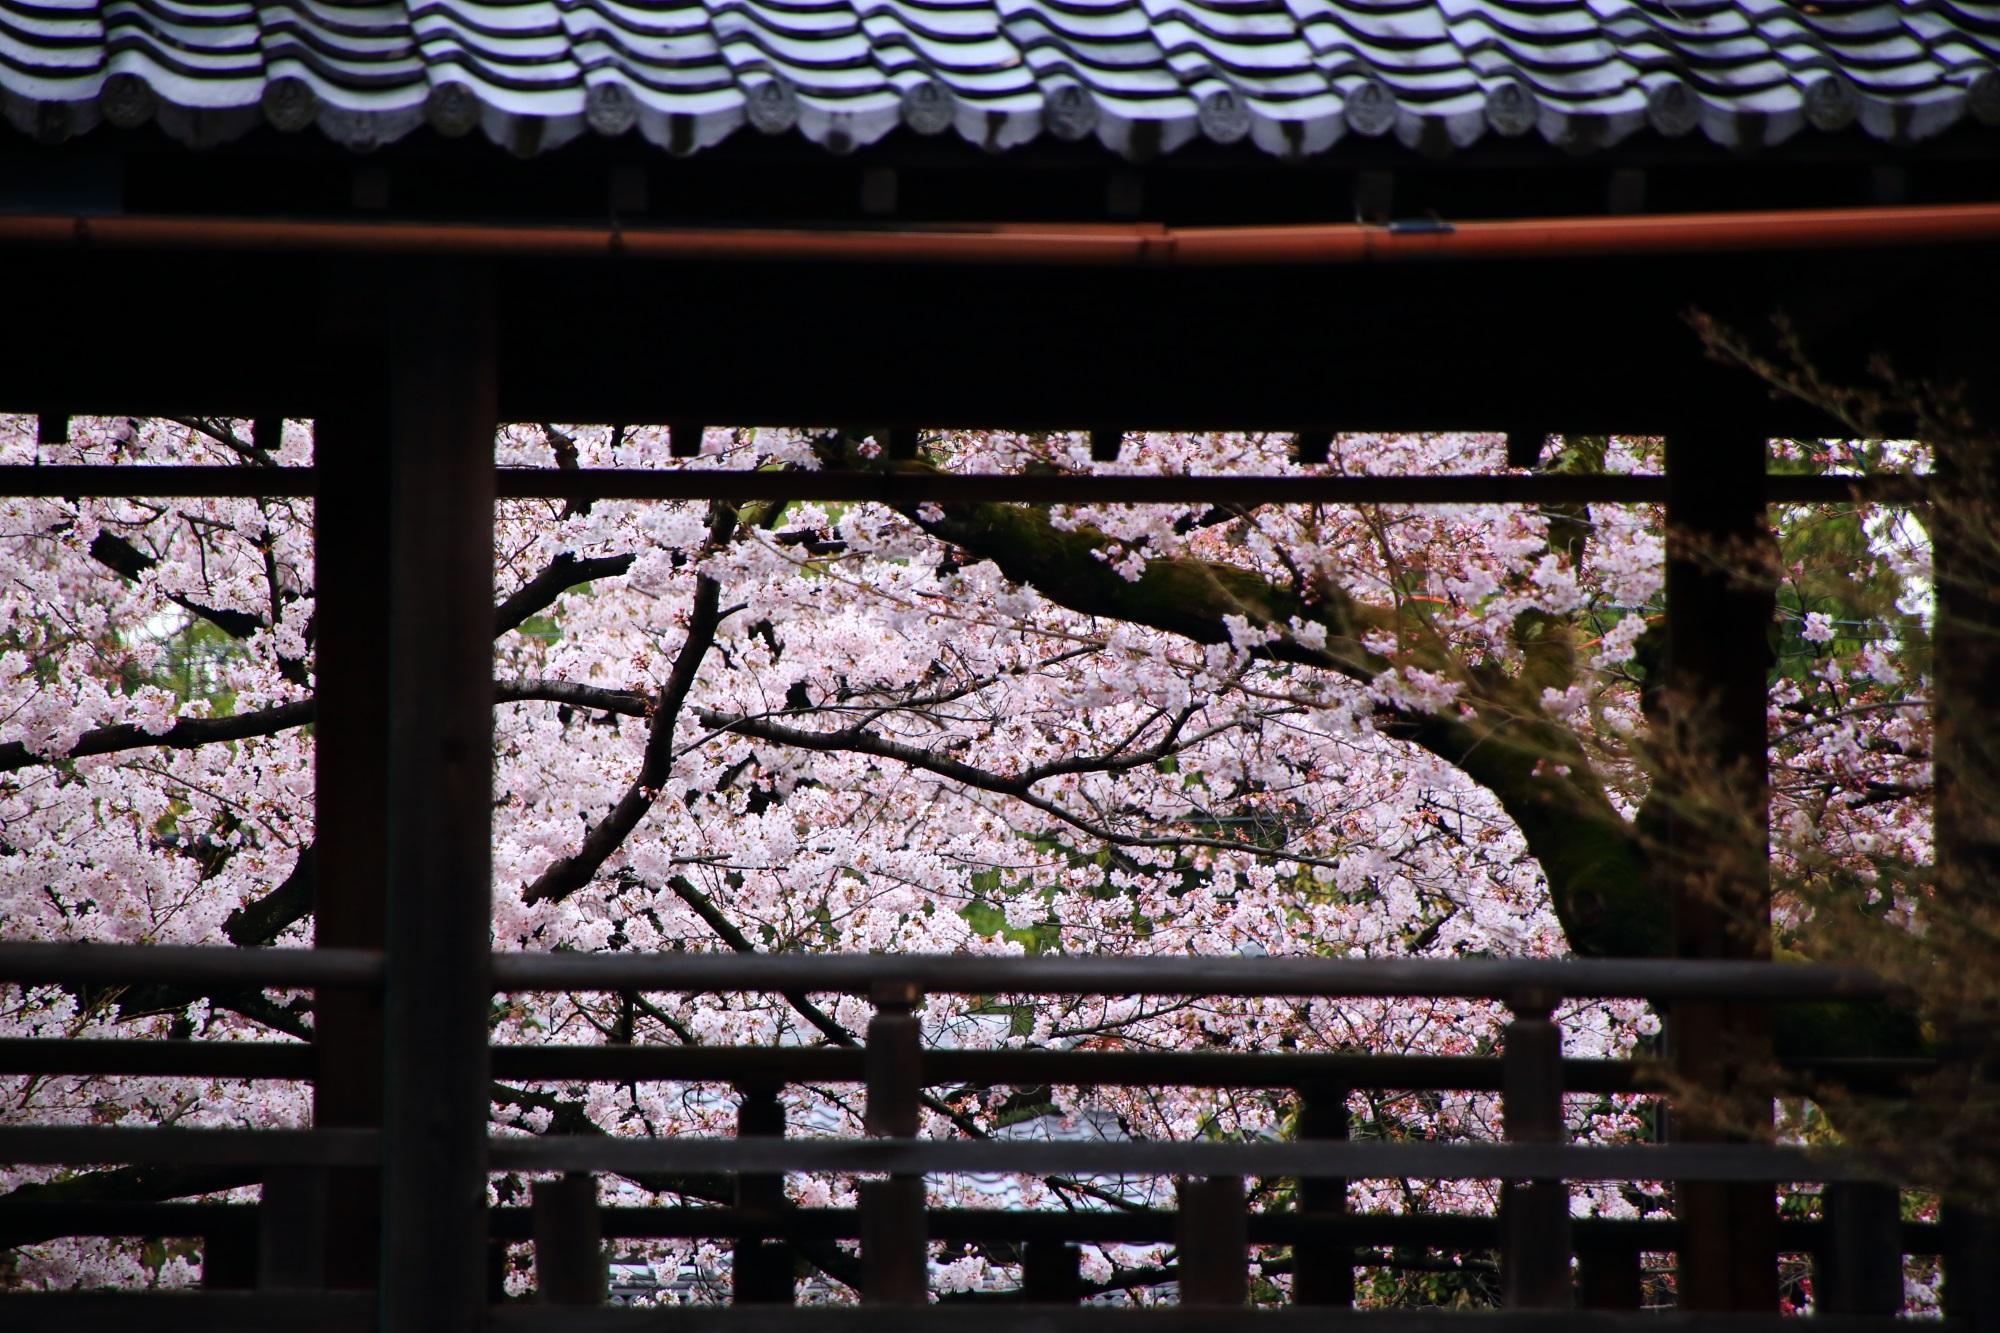 妙顕寺の回廊と満開の桜